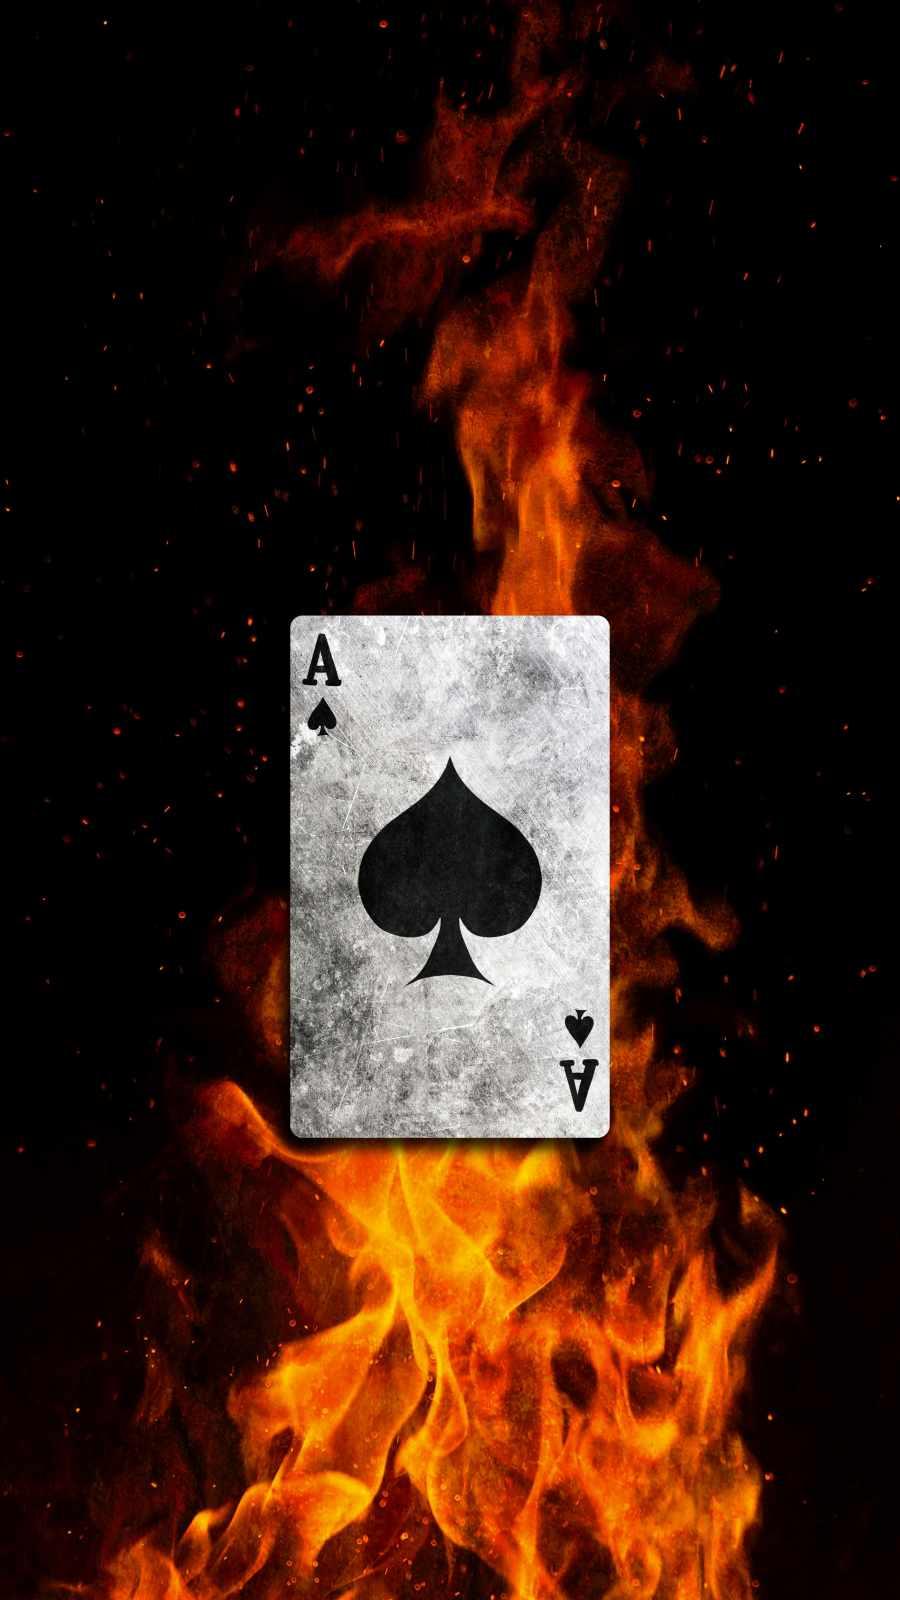 Ace Card Burning